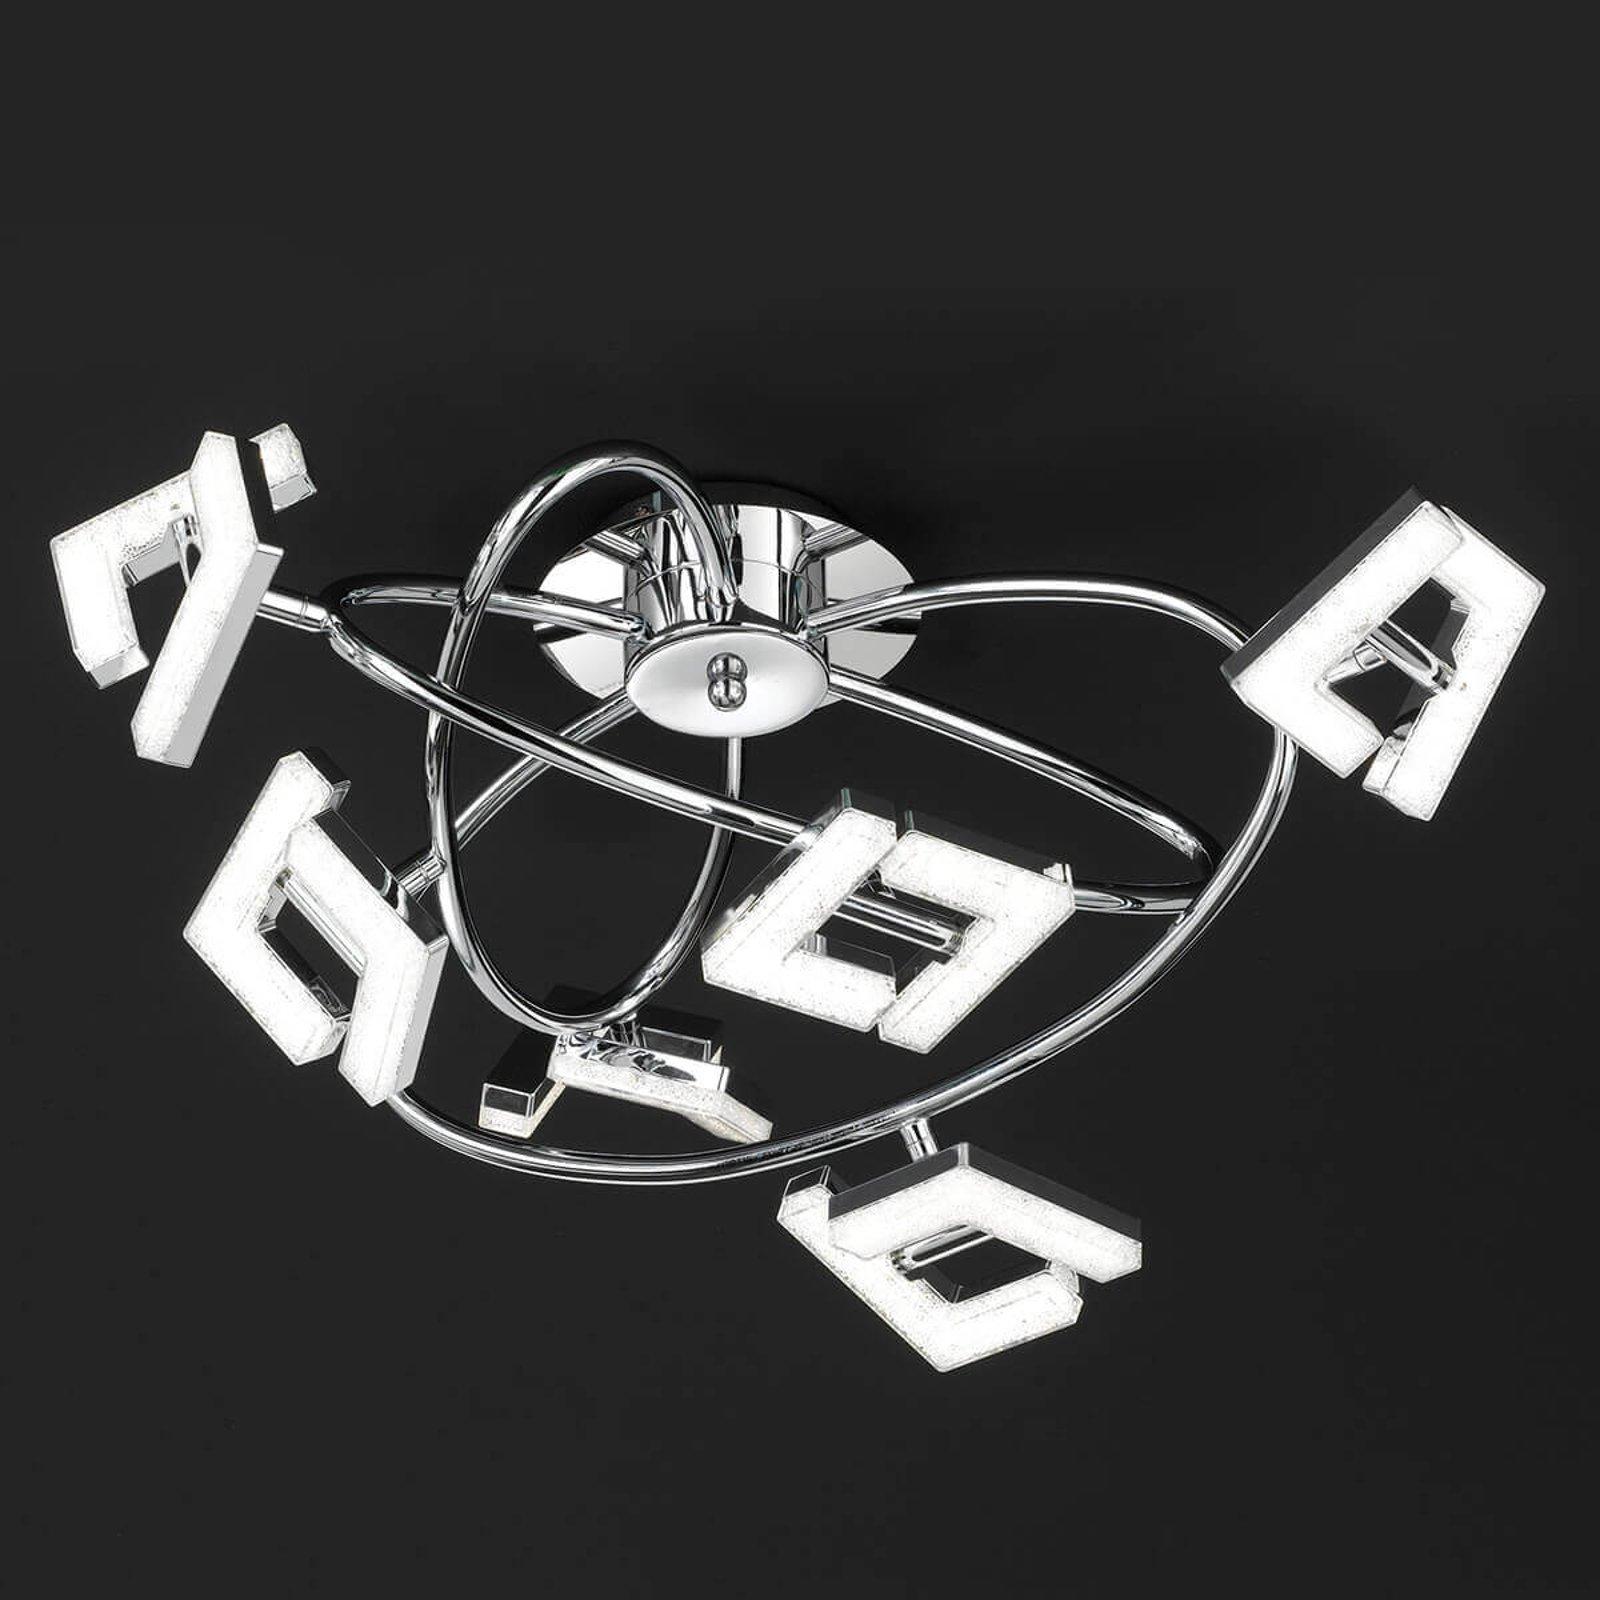 Topp moderne LED-taklampe Lea - 6 lyskilder